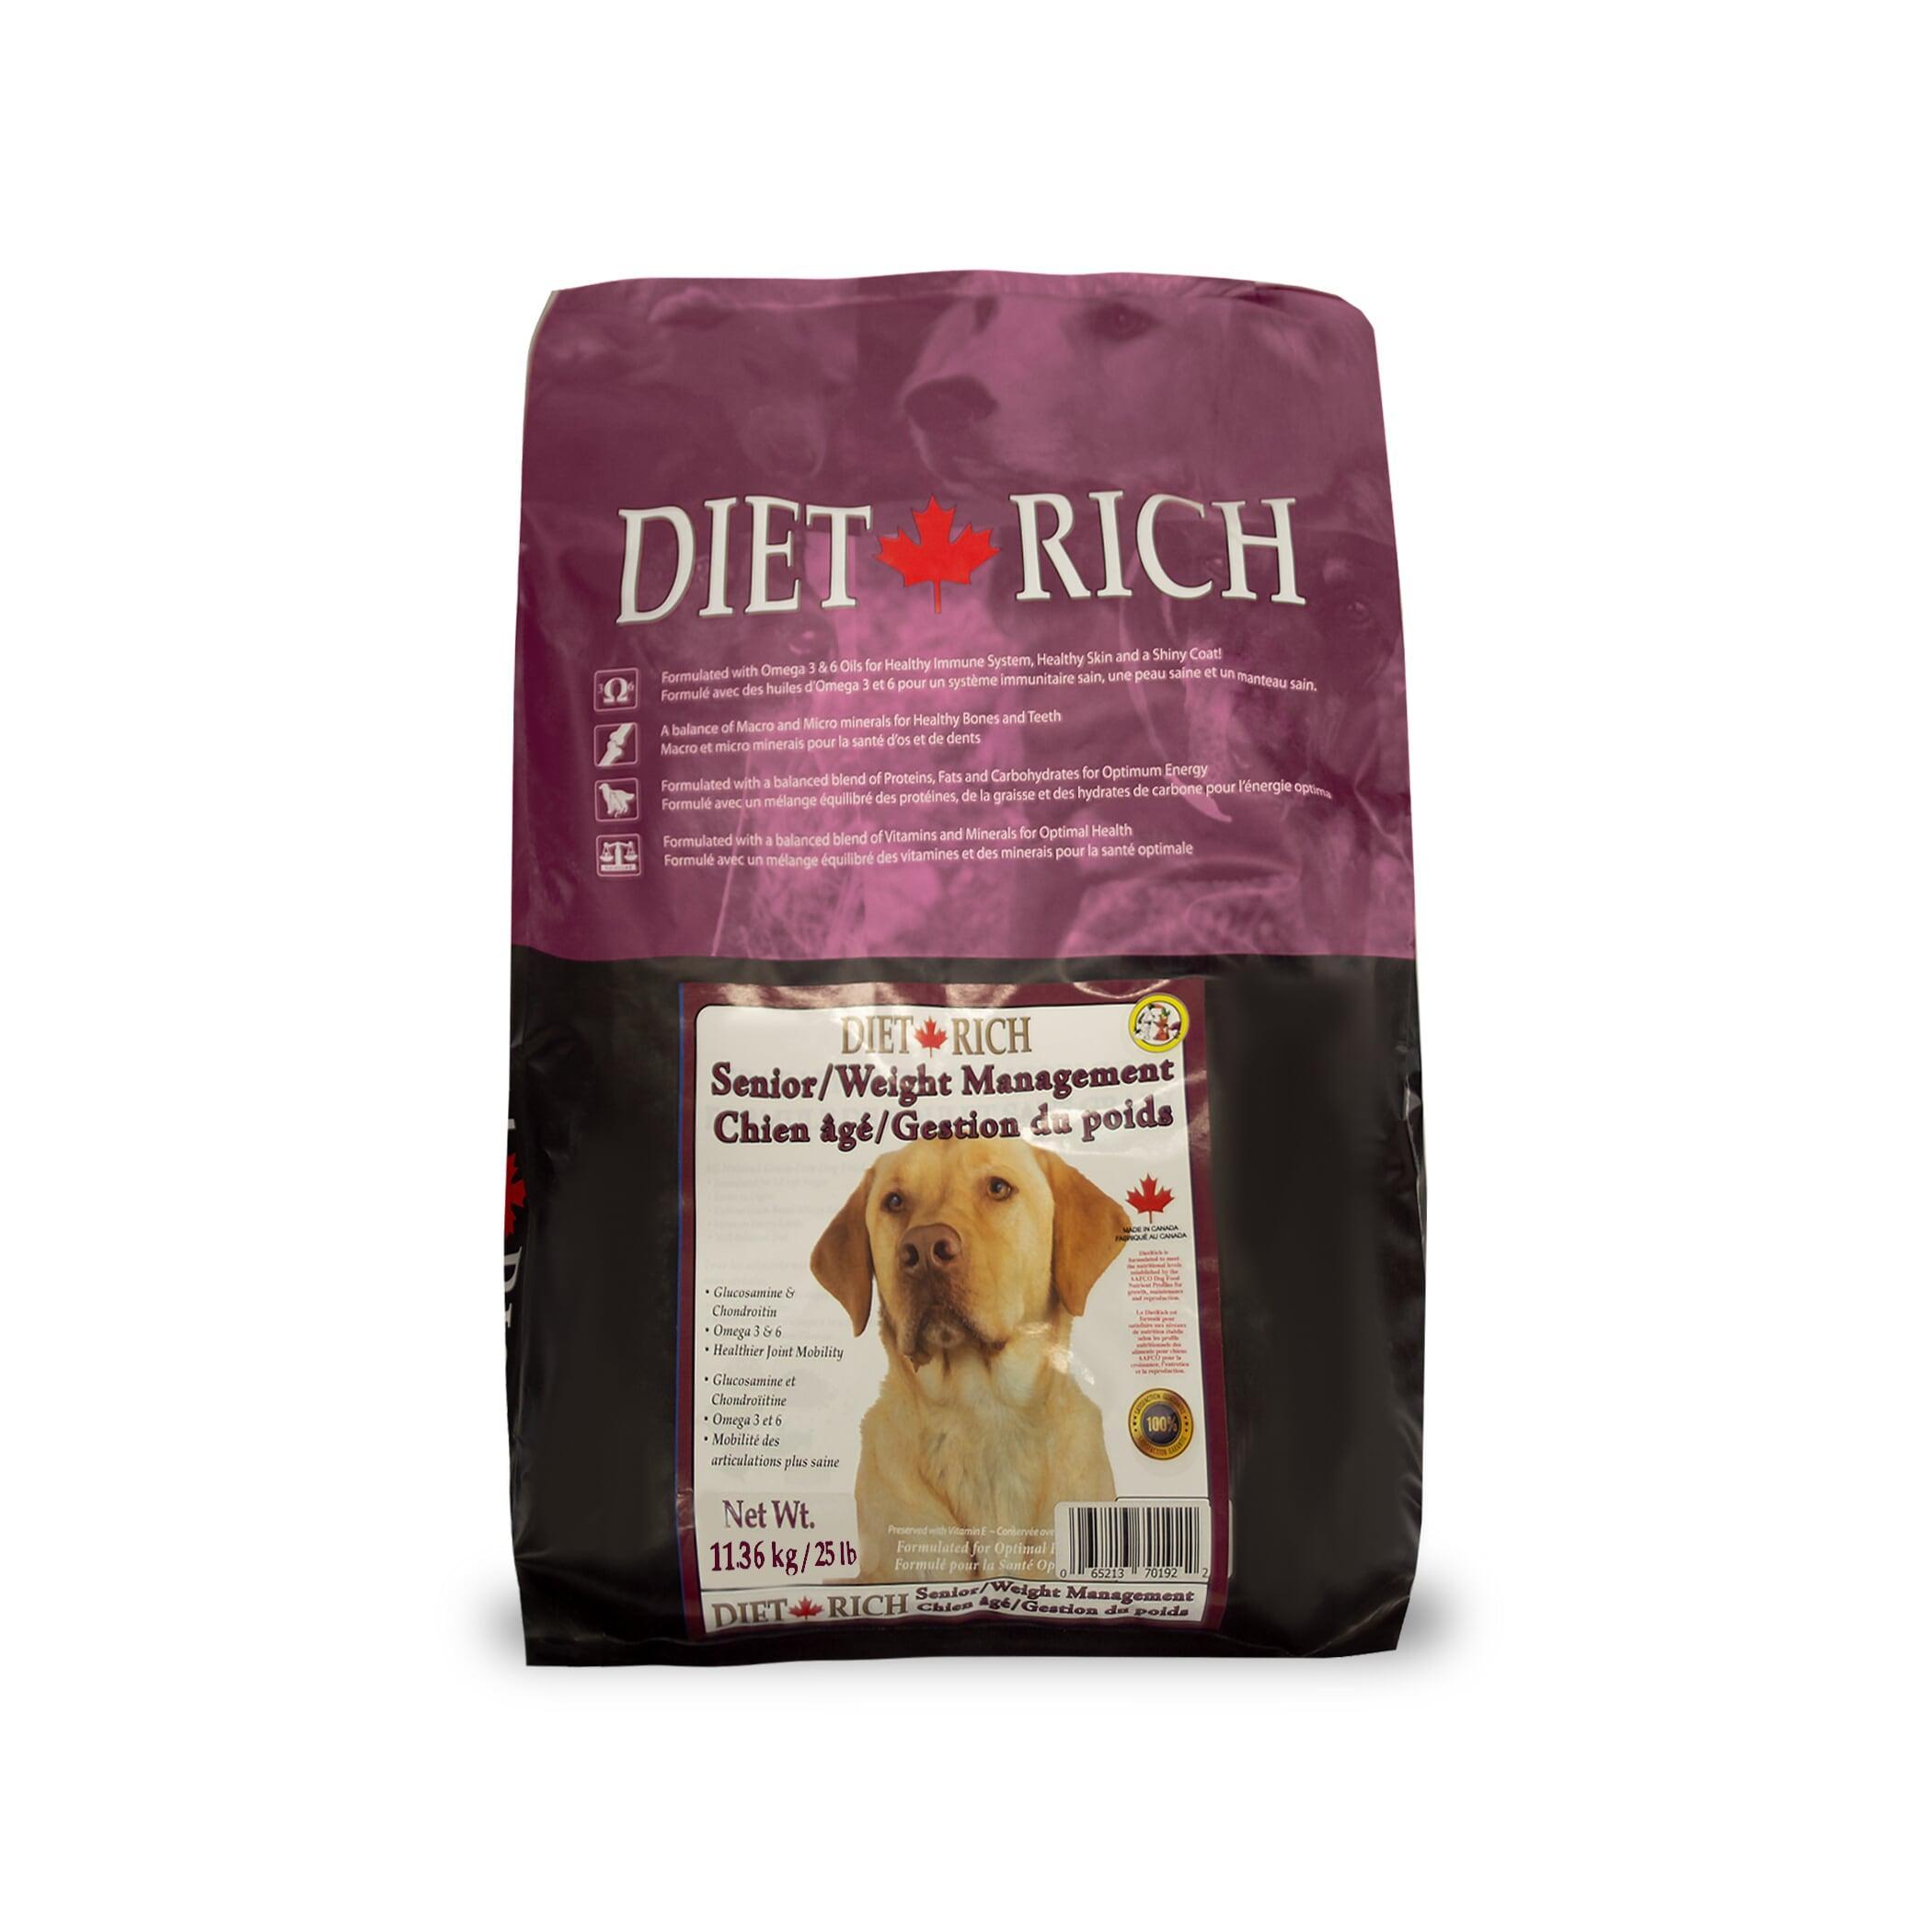 Dietrich Senior/Weight Management Dry Dog Food, 11.36-kg